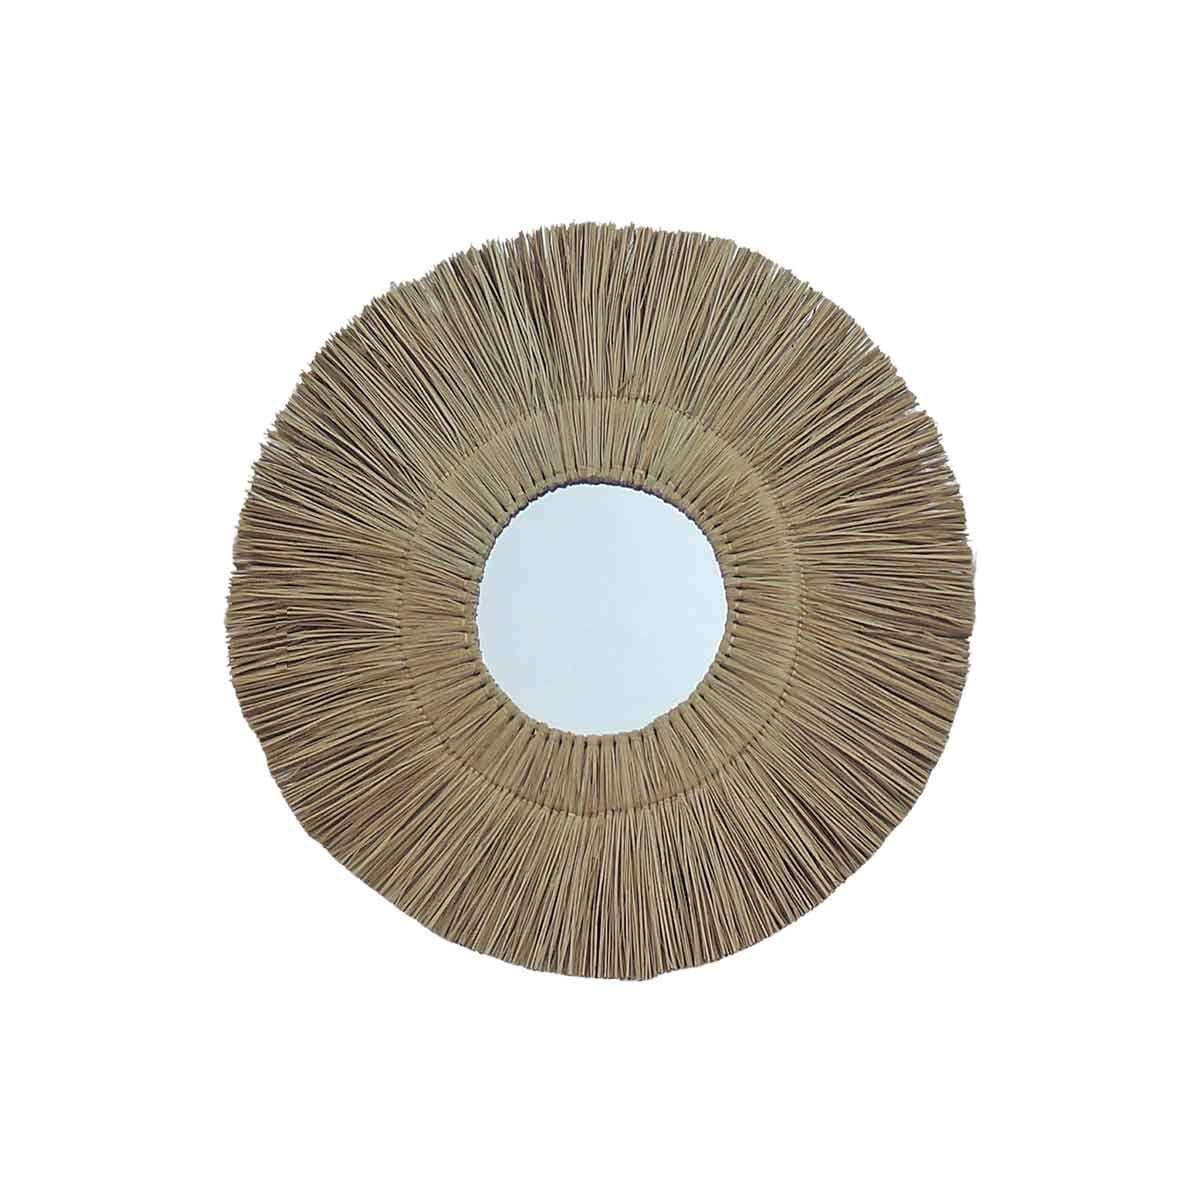 Miroir rond en paille de mendong beige